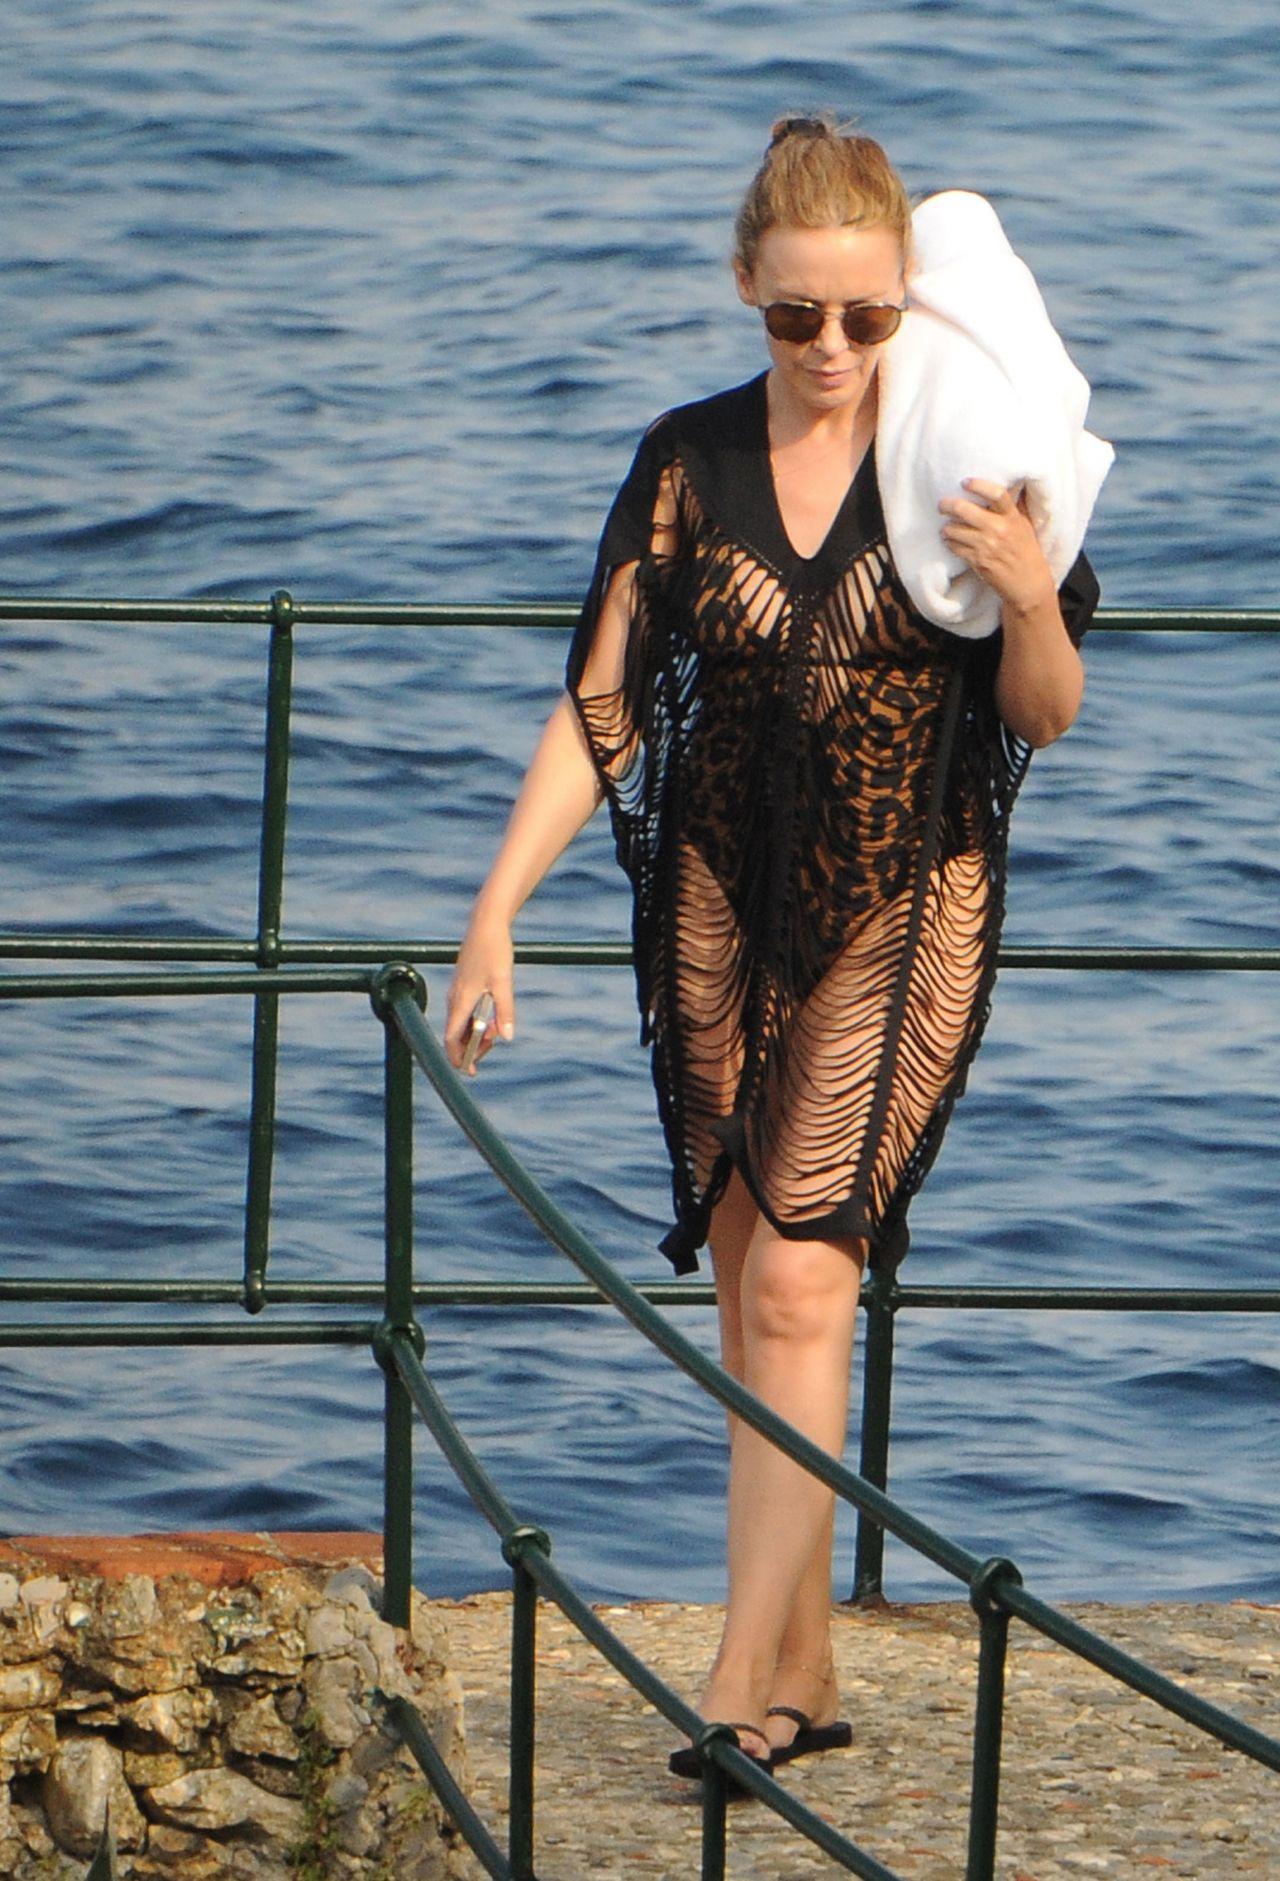 Kylie minogue and bikini